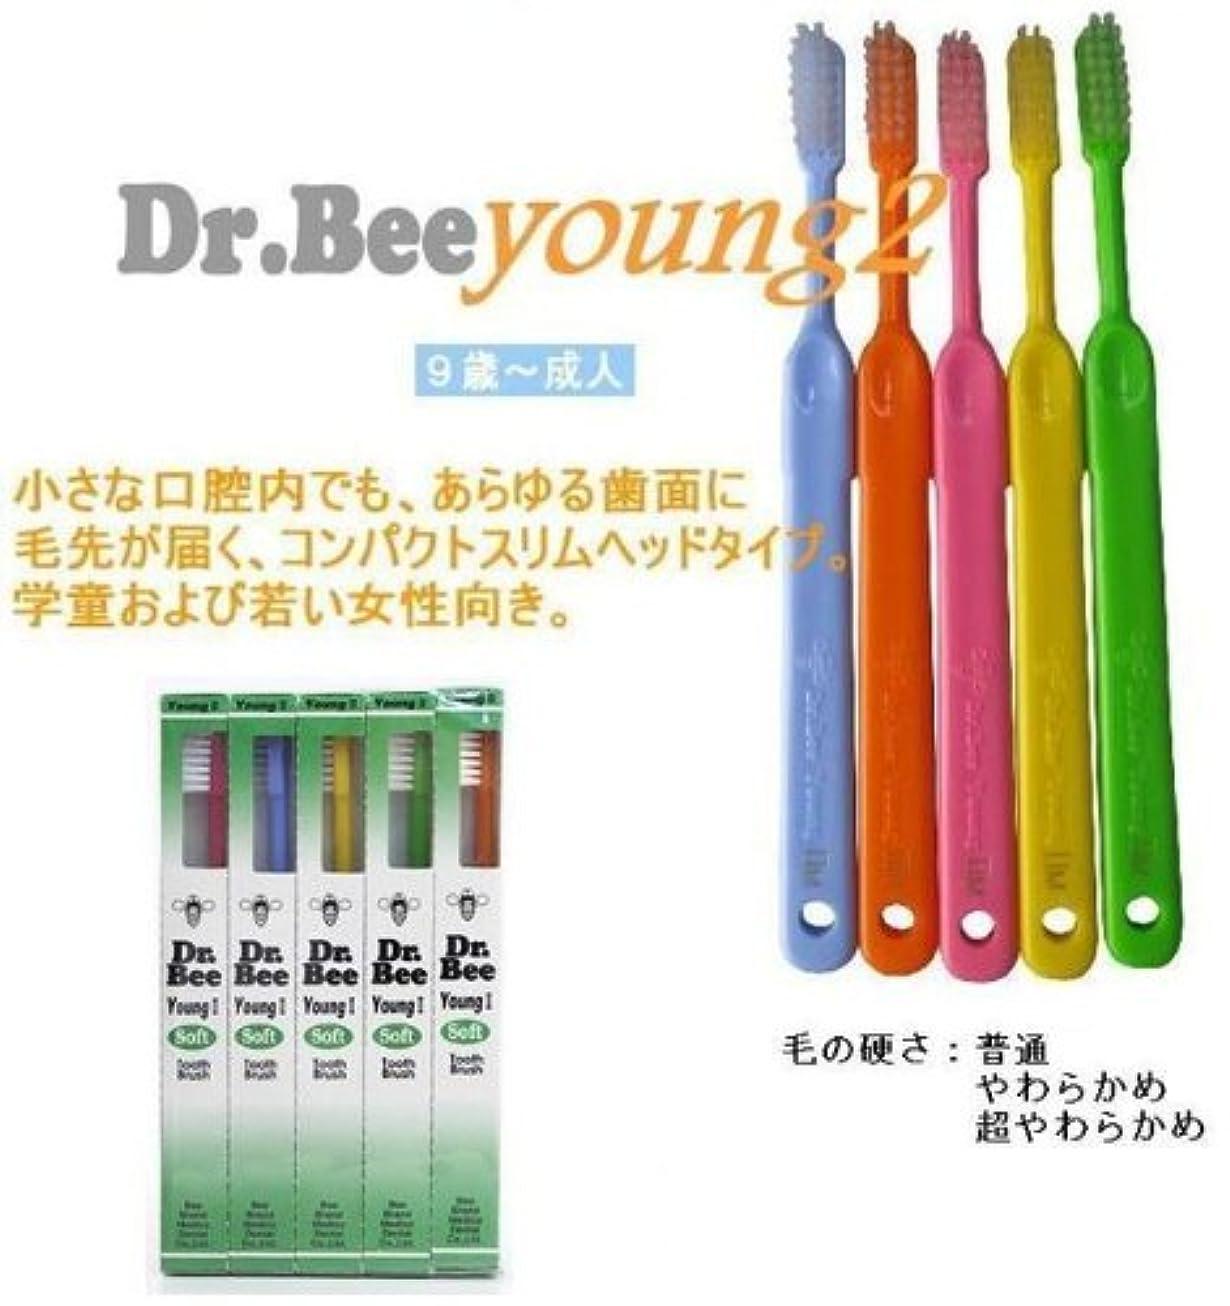 傾向があるまた明日ね兵器庫BeeBrand Dr.BEE 歯ブラシ ヤングII ソフト